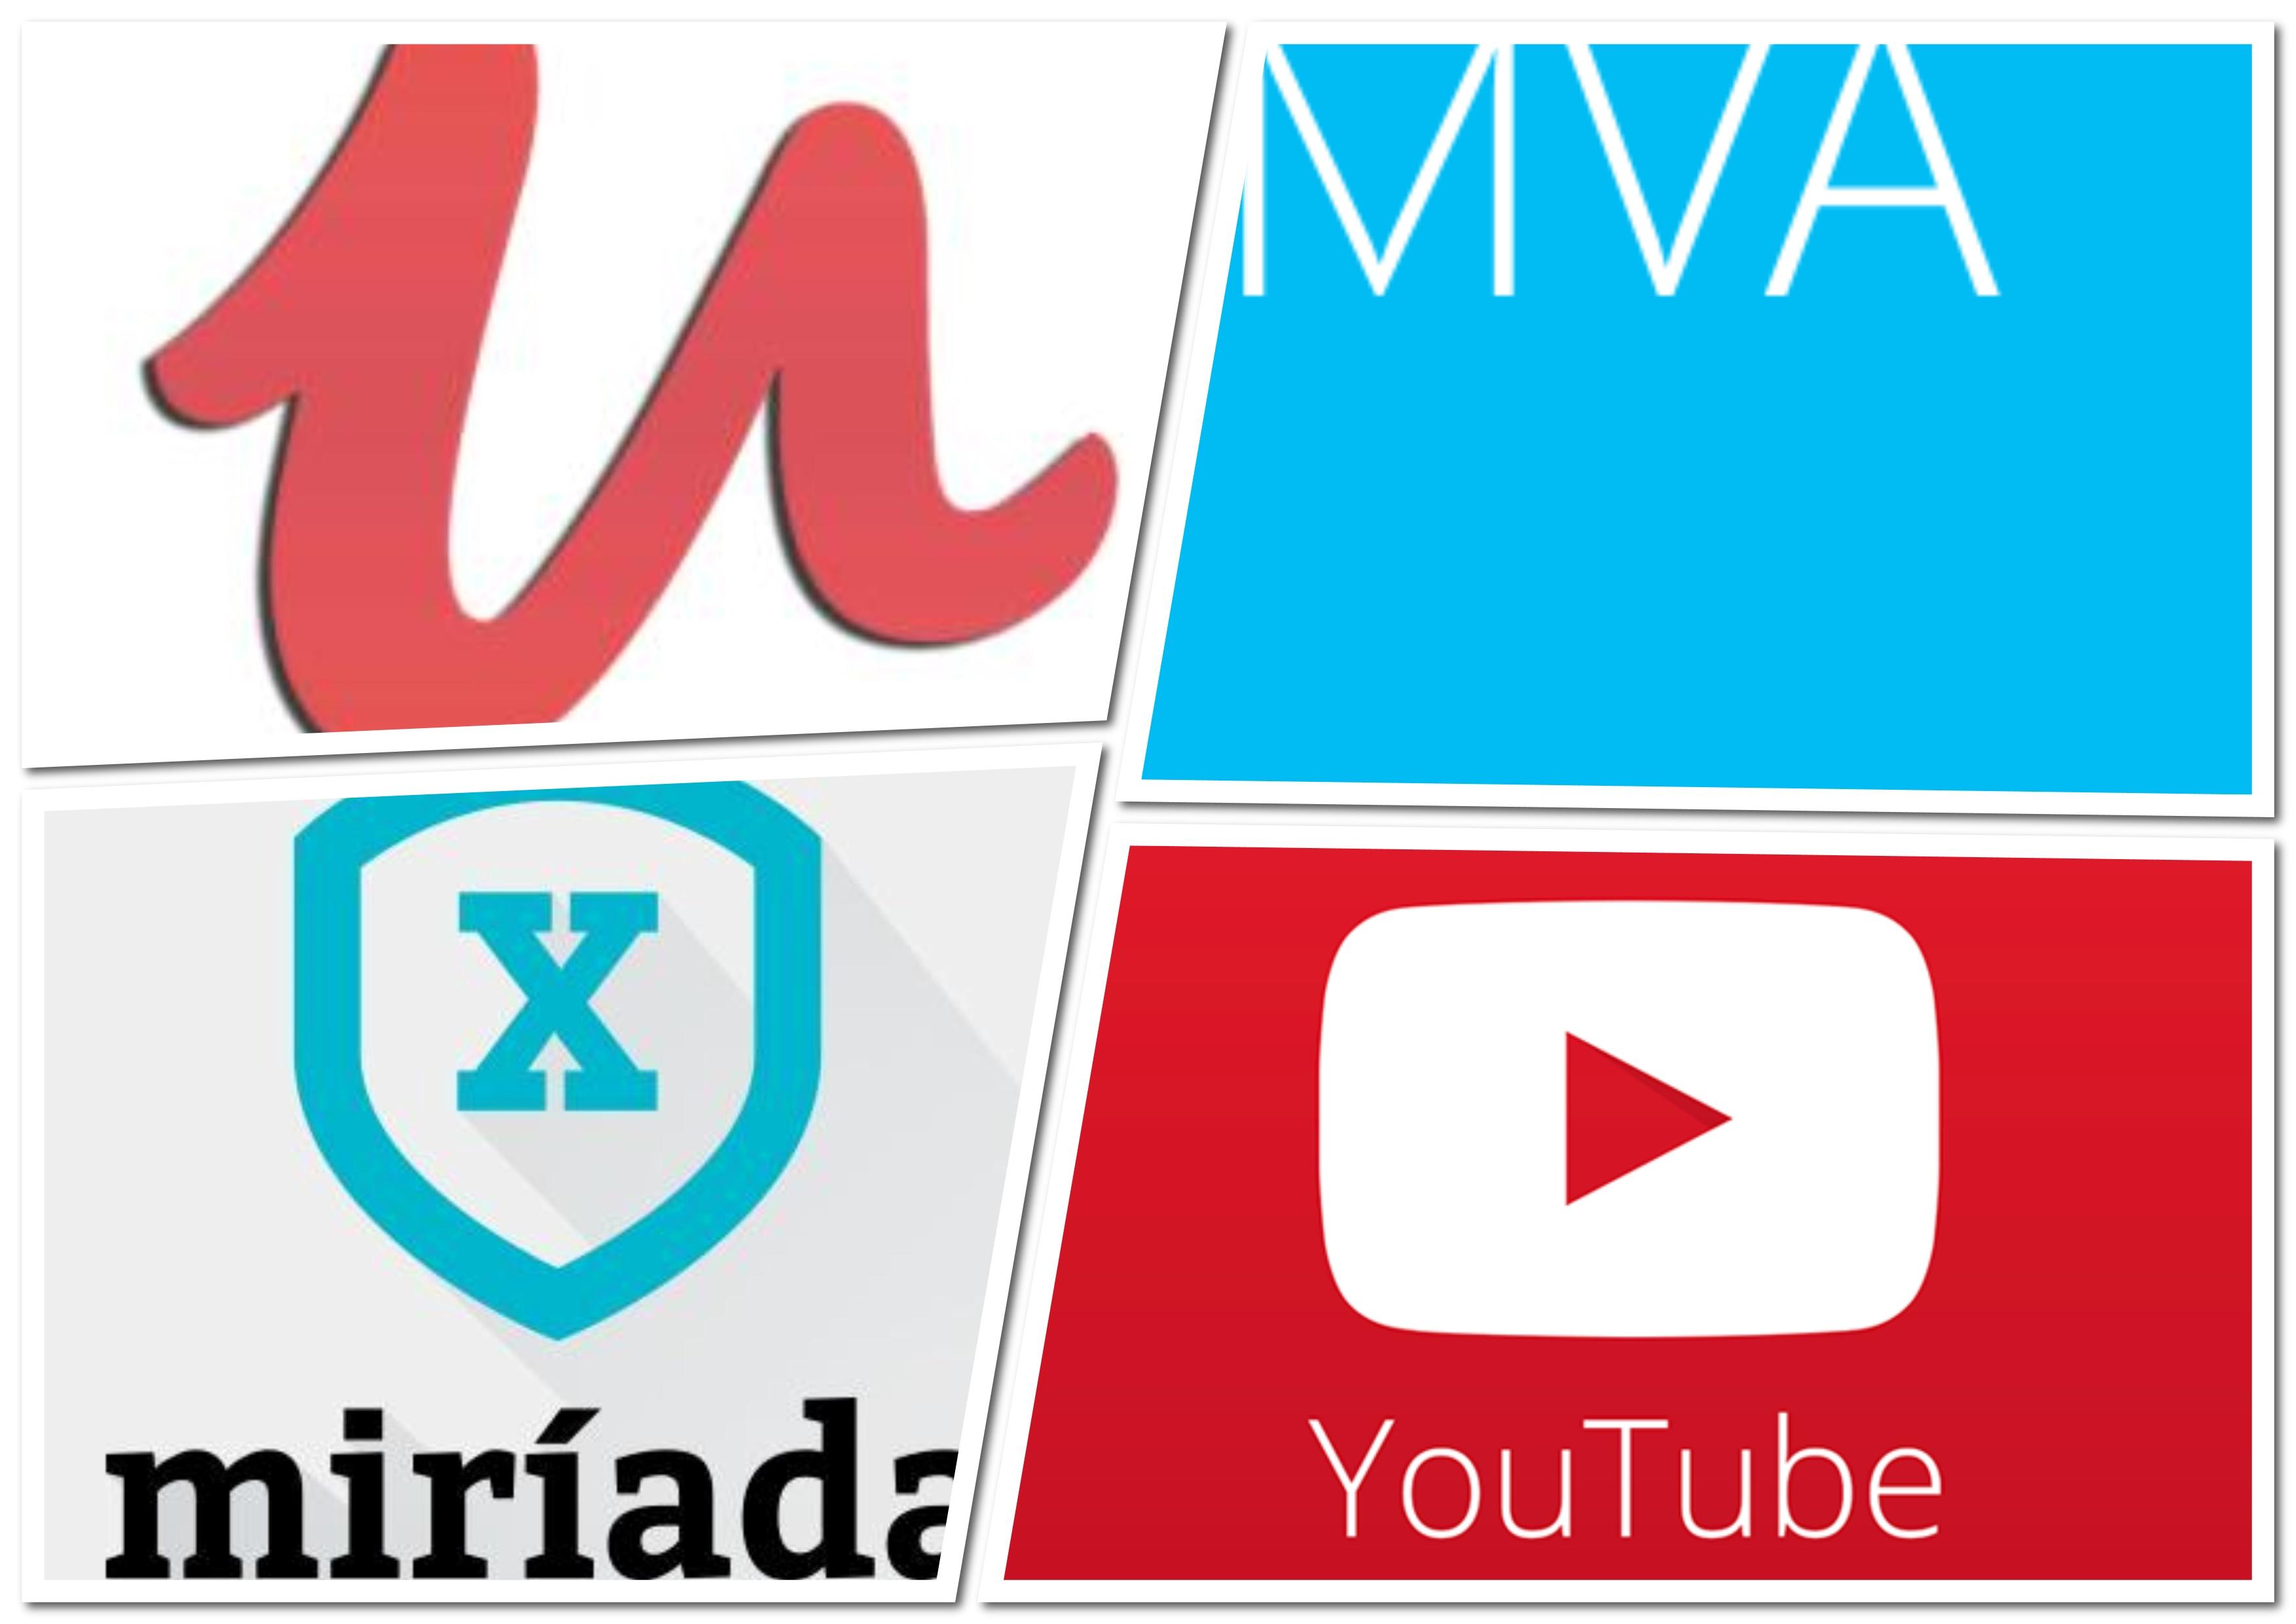 Cursos MOOC, plataformas (Udemy, Miriadax) y videotutoriales online en español (+790) (Parte 1)